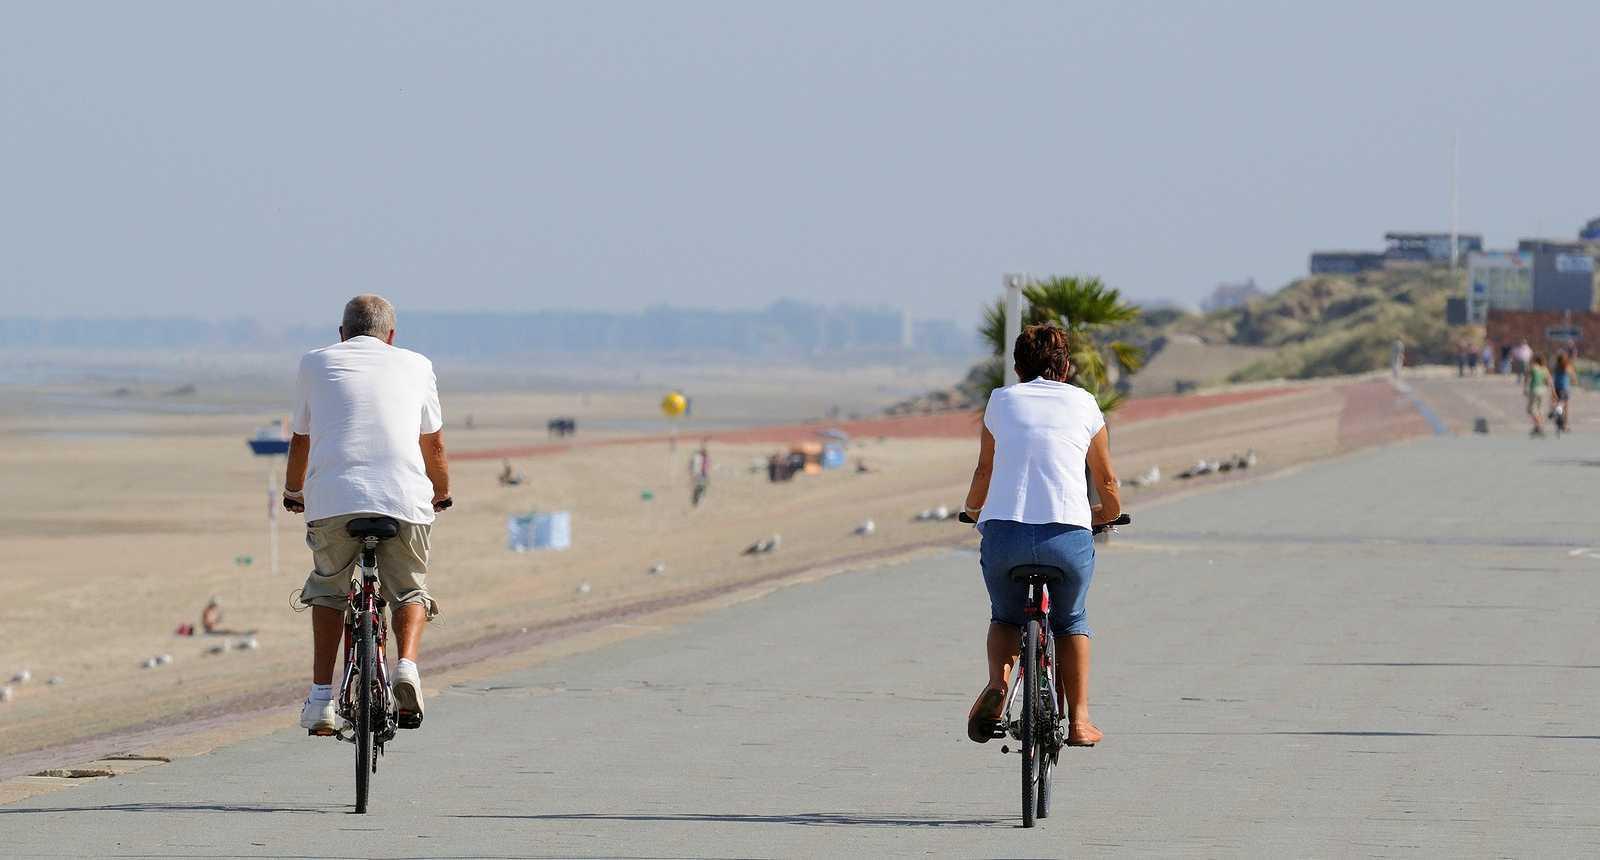 Cyclistes au bord de la plage à Dunkerque